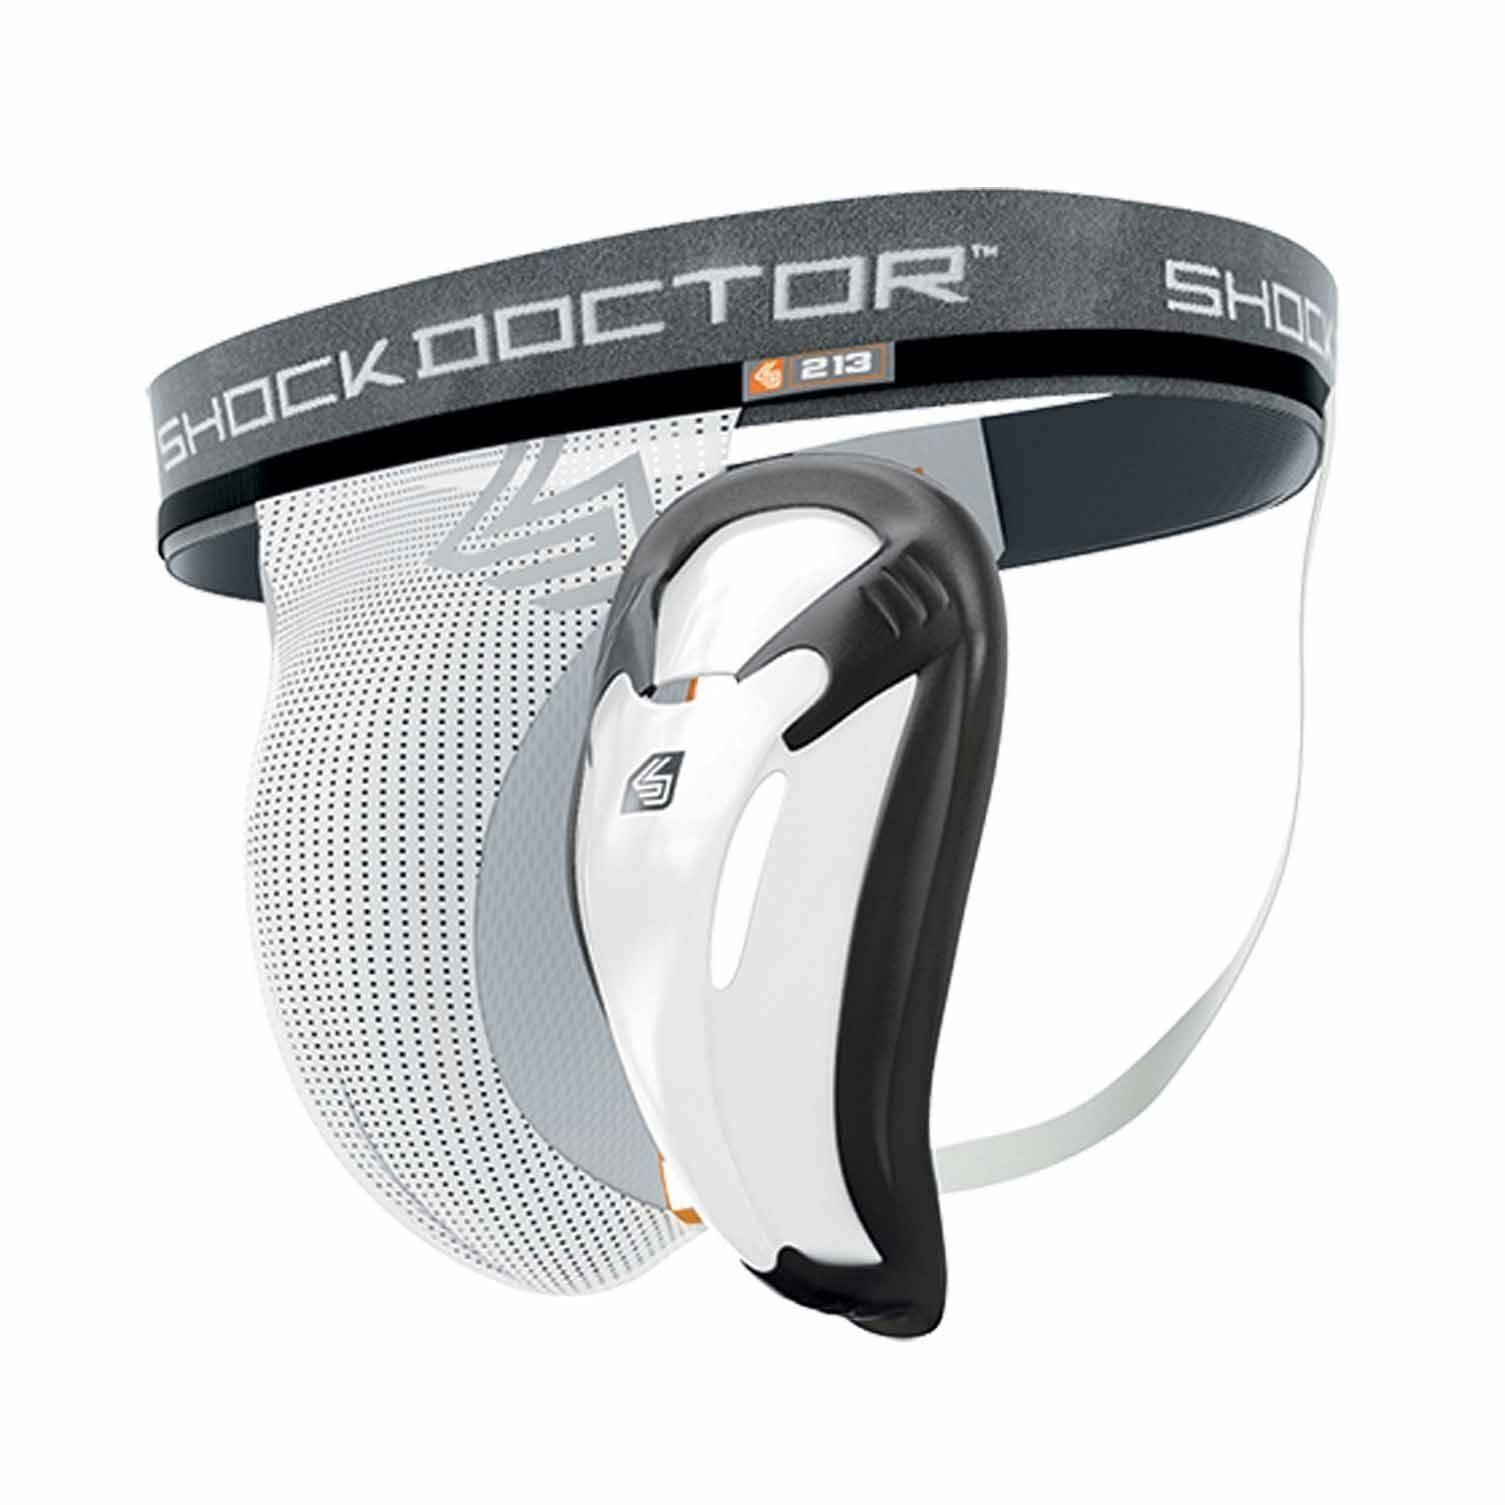 Shock Doctor Core Supporter mit Bio Flex Cup, Tiefschutz